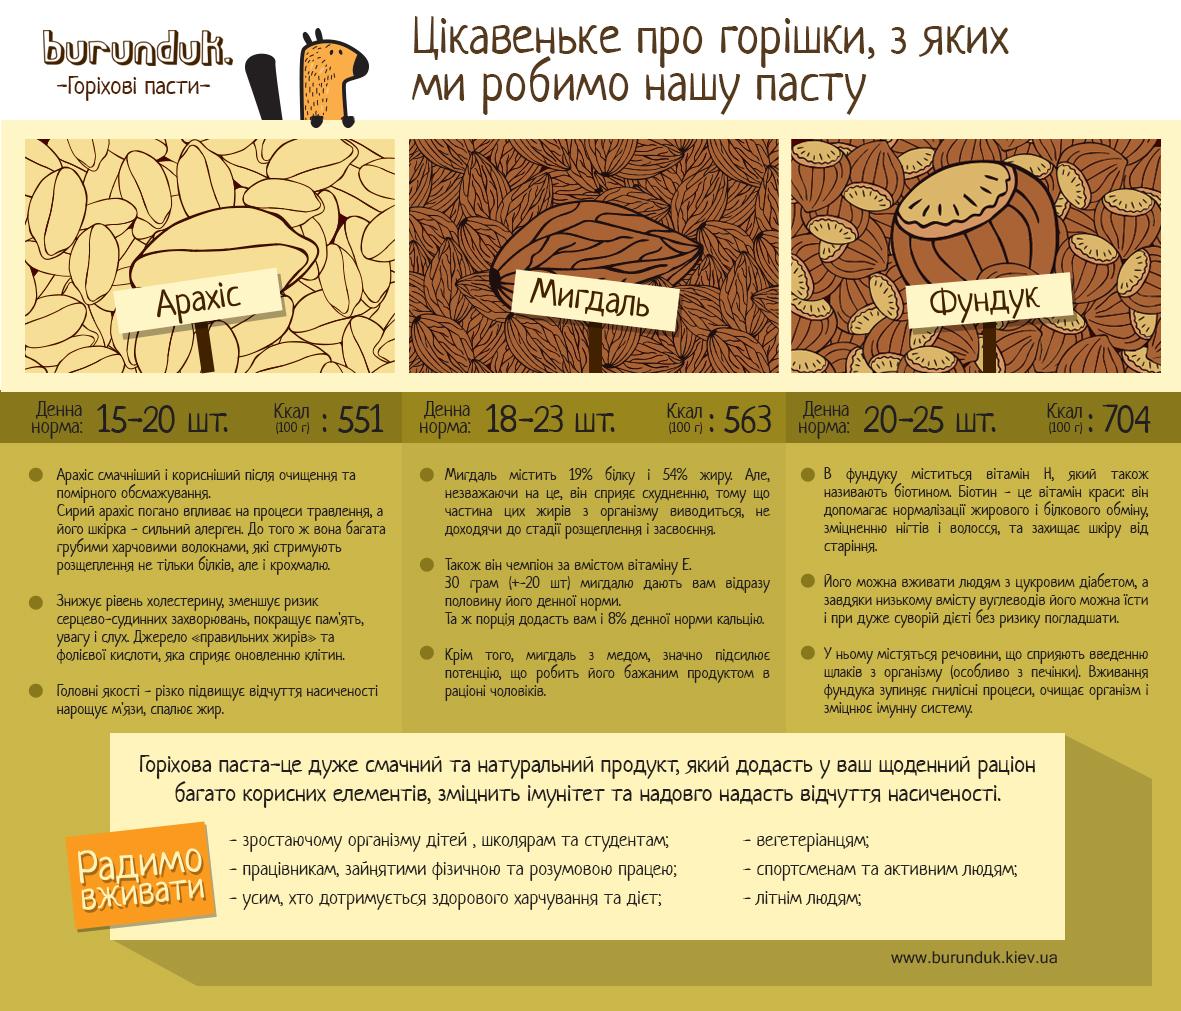 Ореховые пасты - свойства орехов